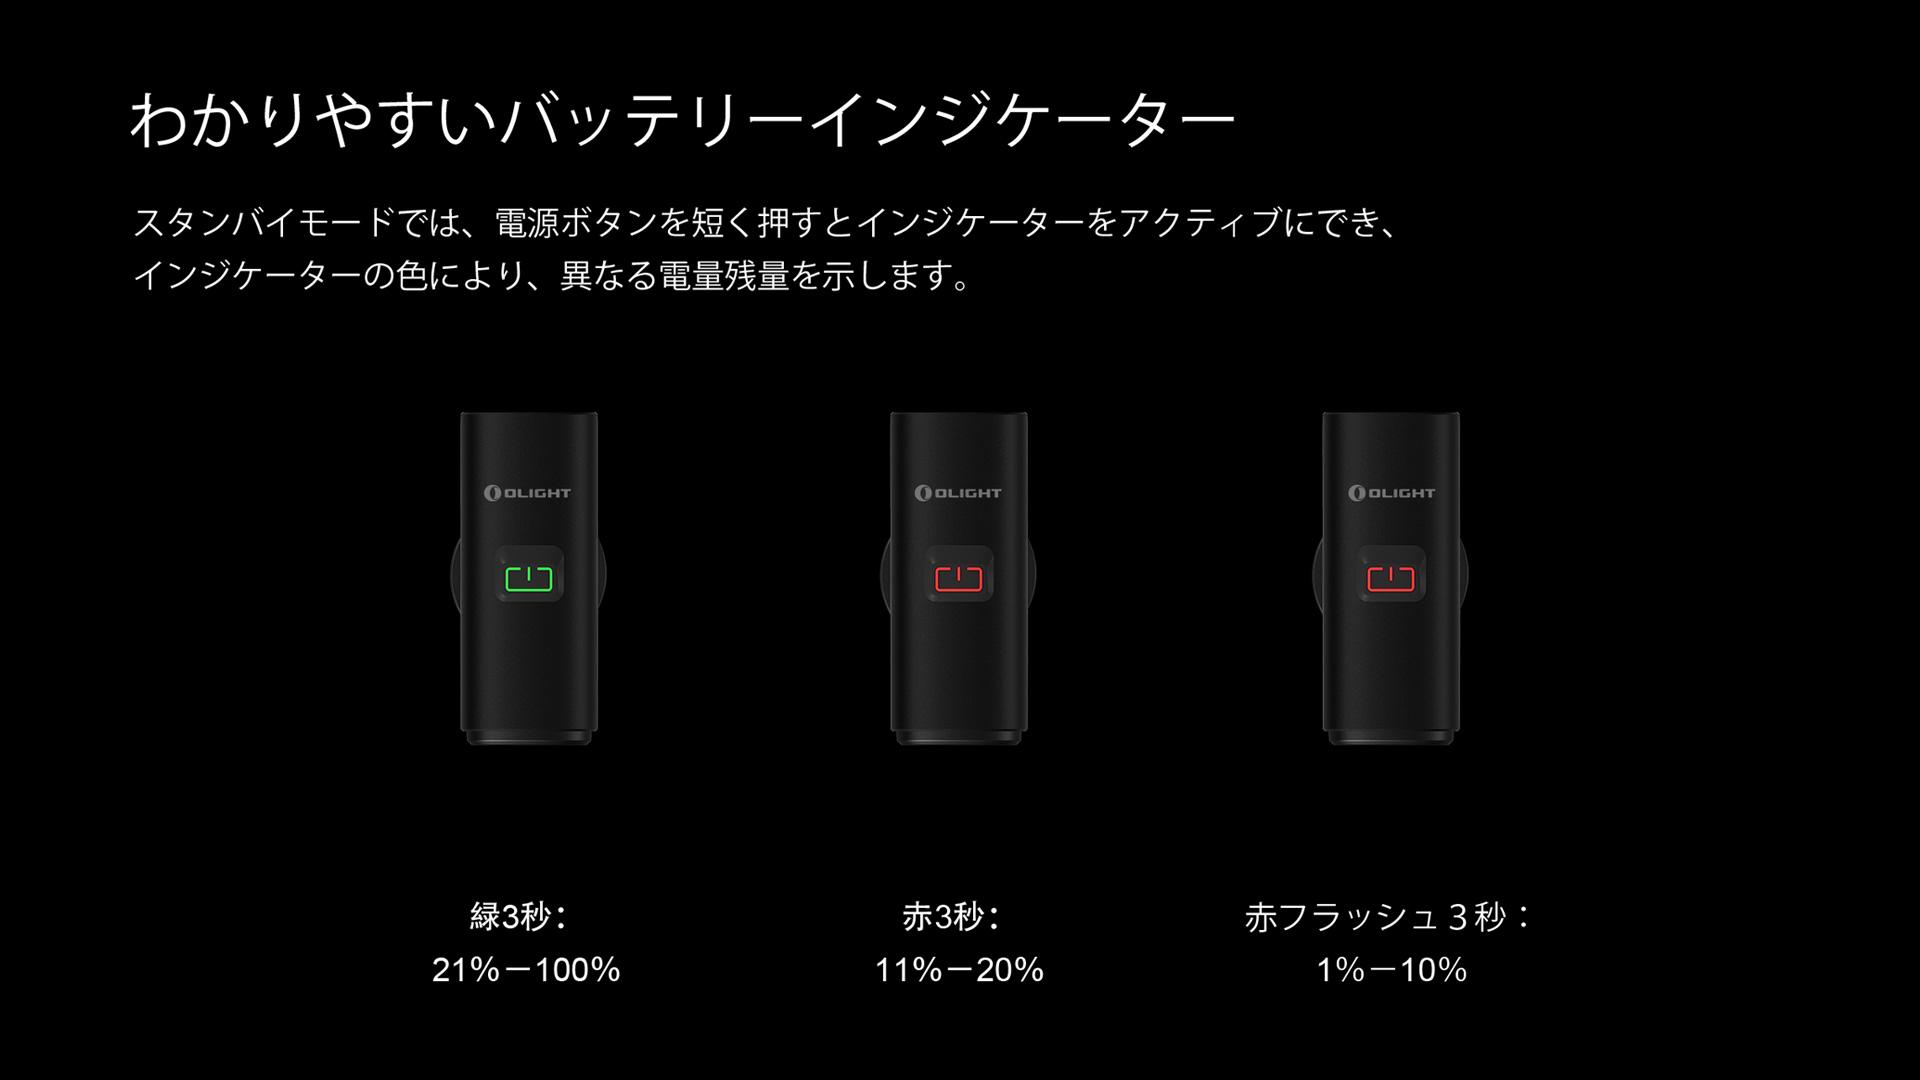 RN400には電源プロンプト機能があります。21%〜100%の場合、緑色で3秒間点灯します。11%〜20%の場合、赤色で3秒間点灯します。1%〜10%の場合、赤色で3秒間点滅します。